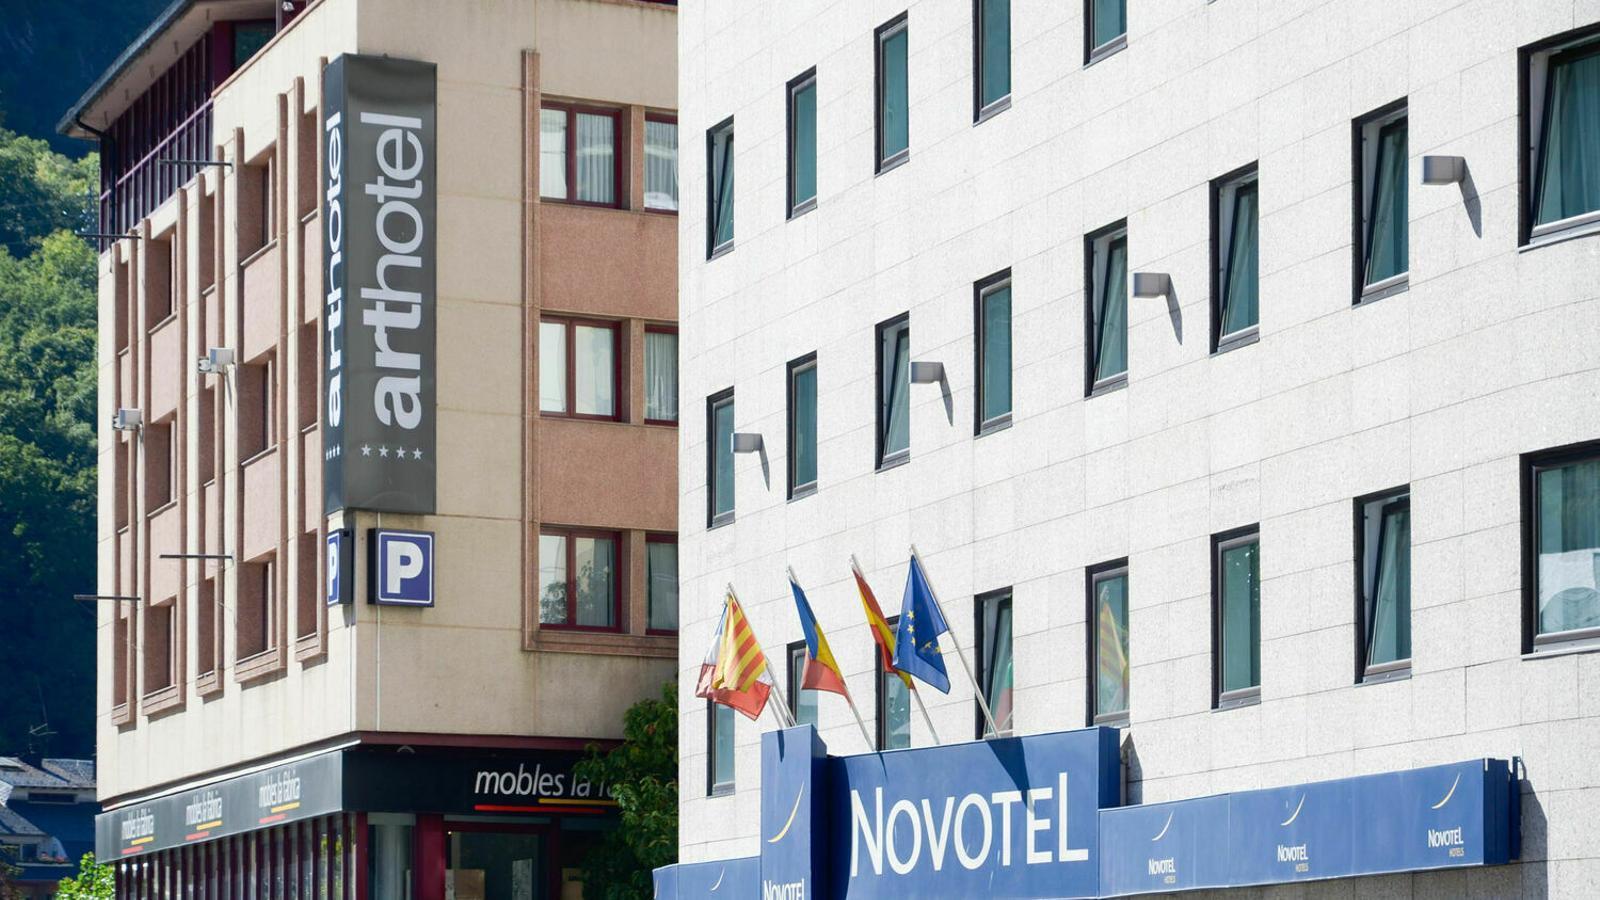 Dos hotels situats a Andorra la Vella. / ARXIU ANA